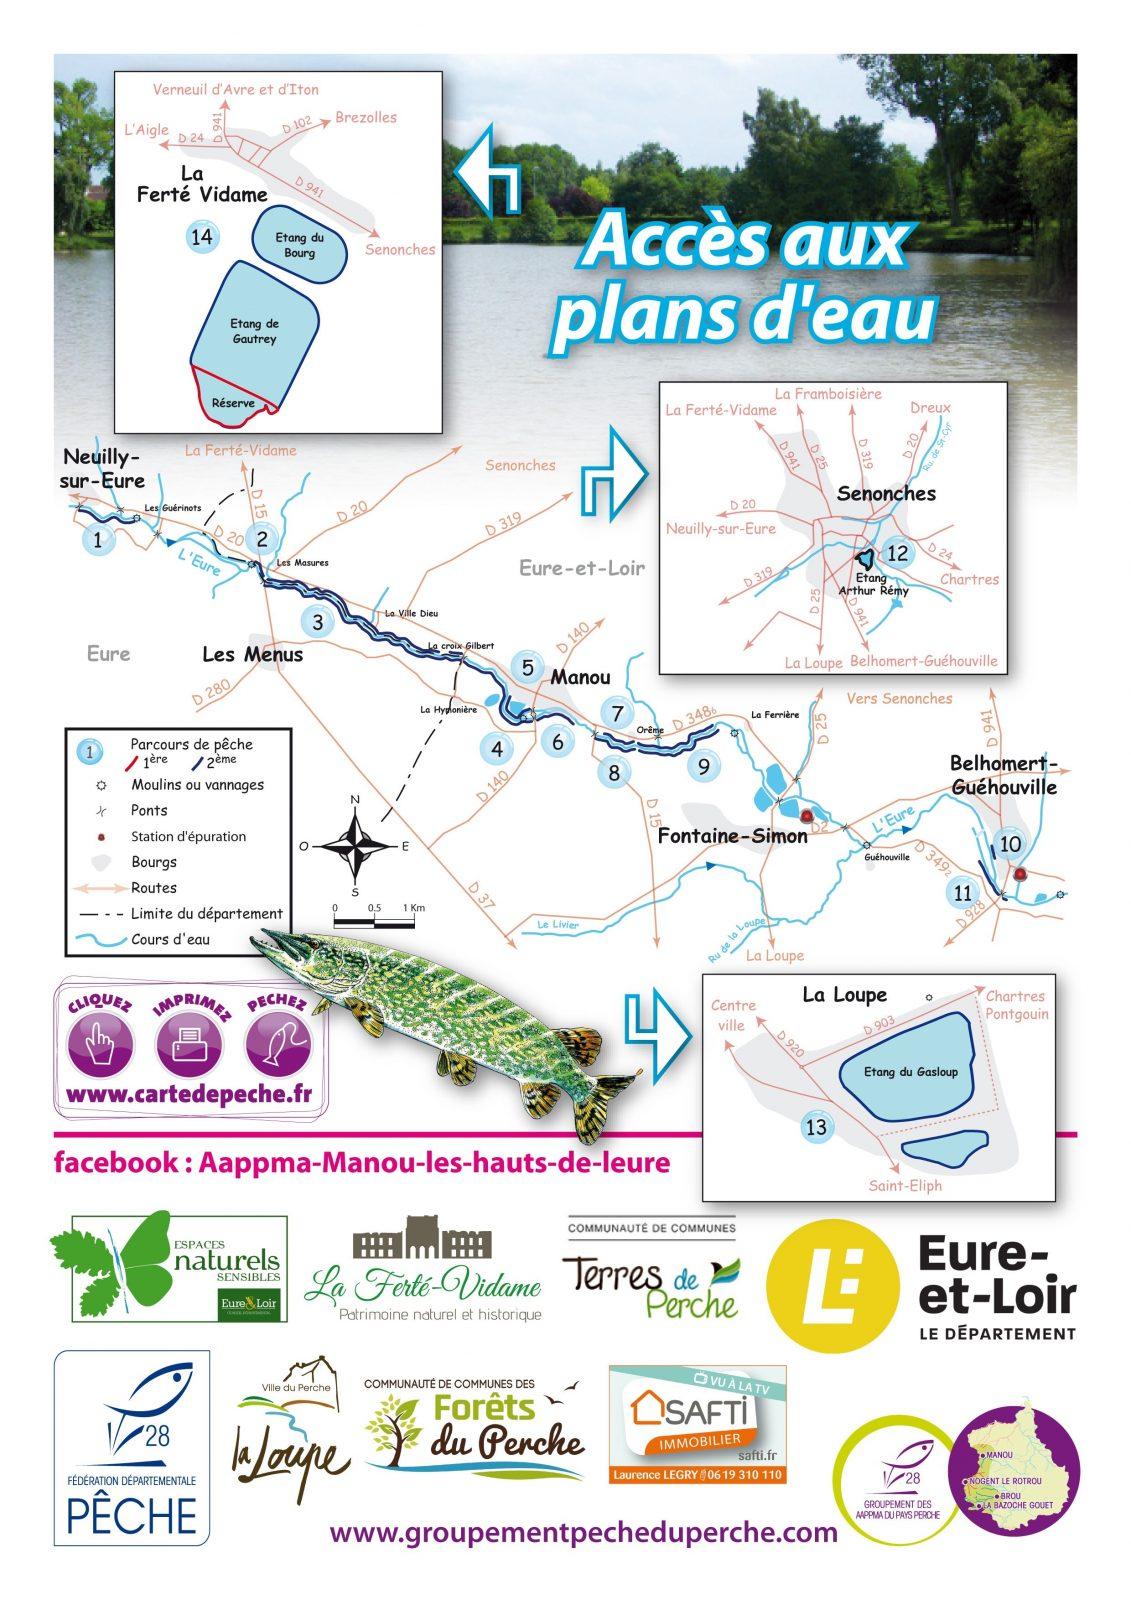 Ouverture pêche – Plans d'eau de La Ferté Vidame à LA FERTE-VIDAME - 2  © aappma